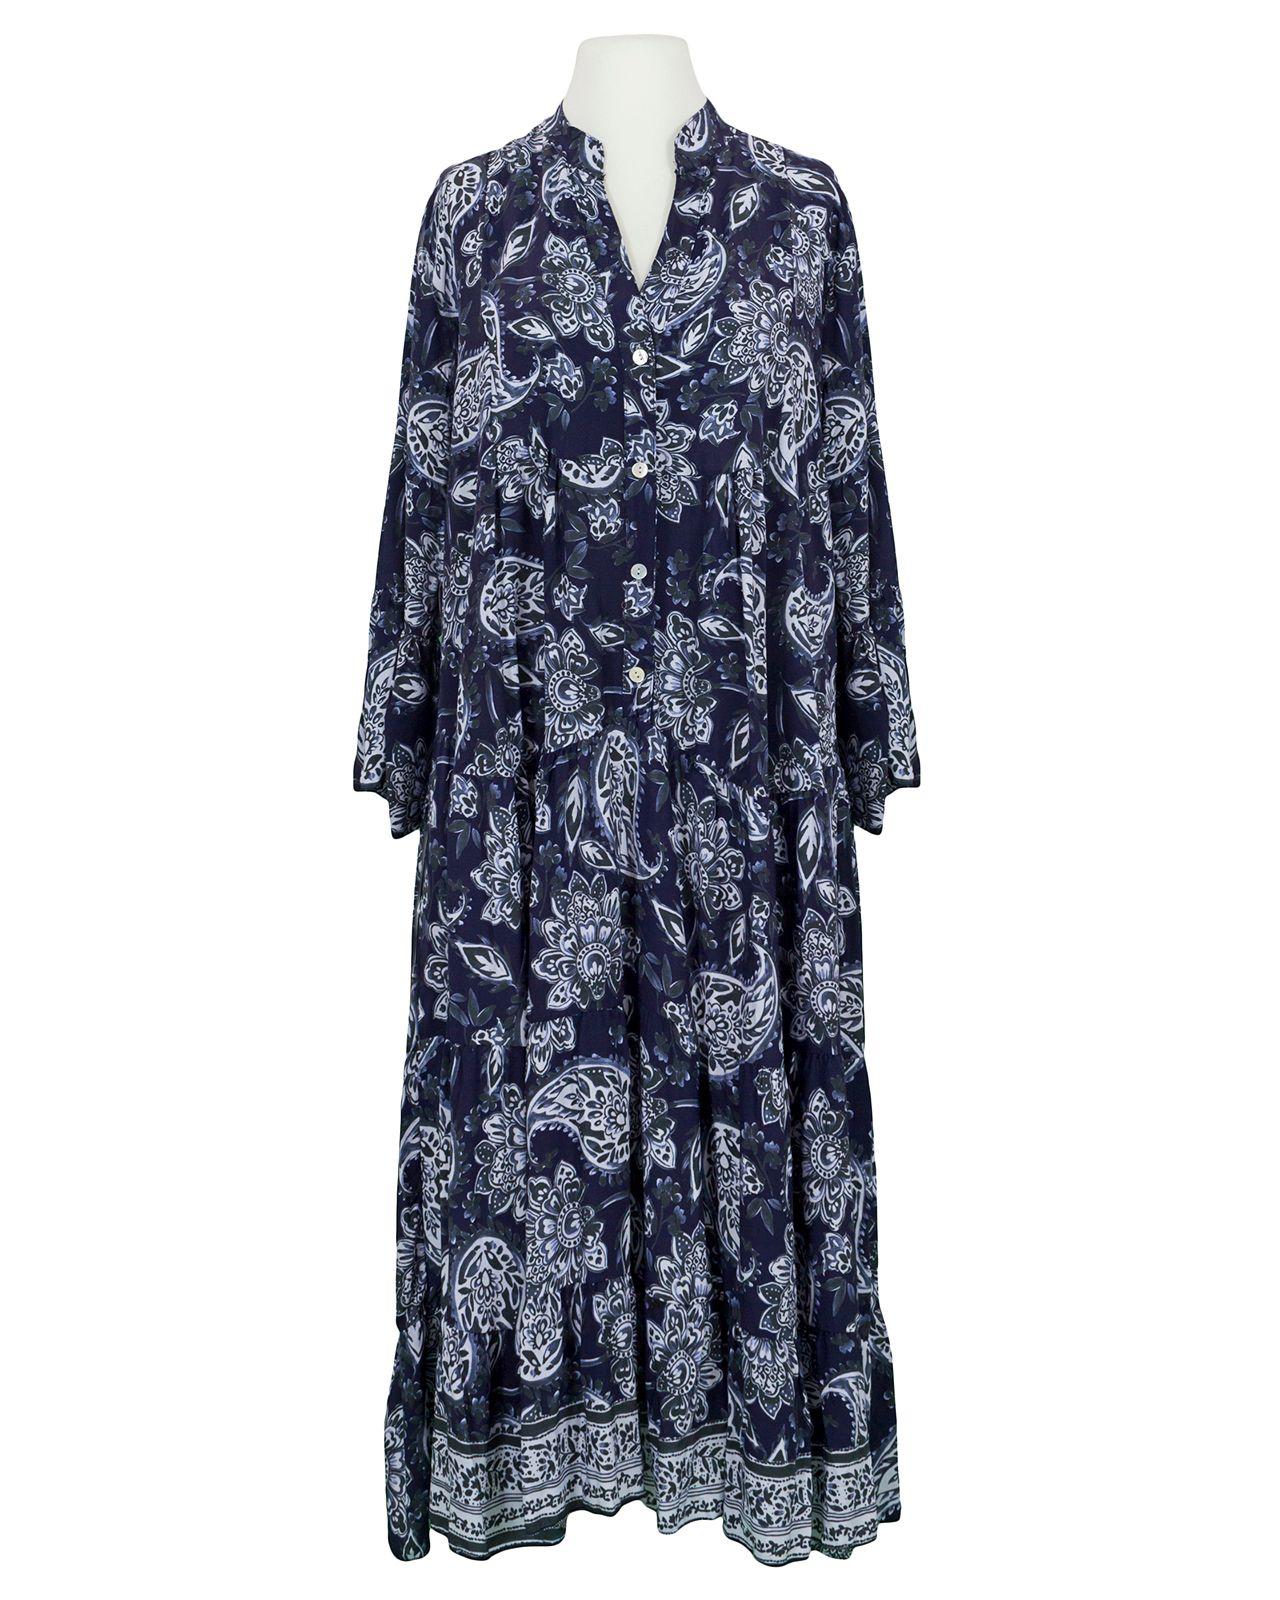 Kleid A Linie Floral Blau Von H Trend Bei Meinkleidchen Kaufen Italienische Kleider Kleider Modestil